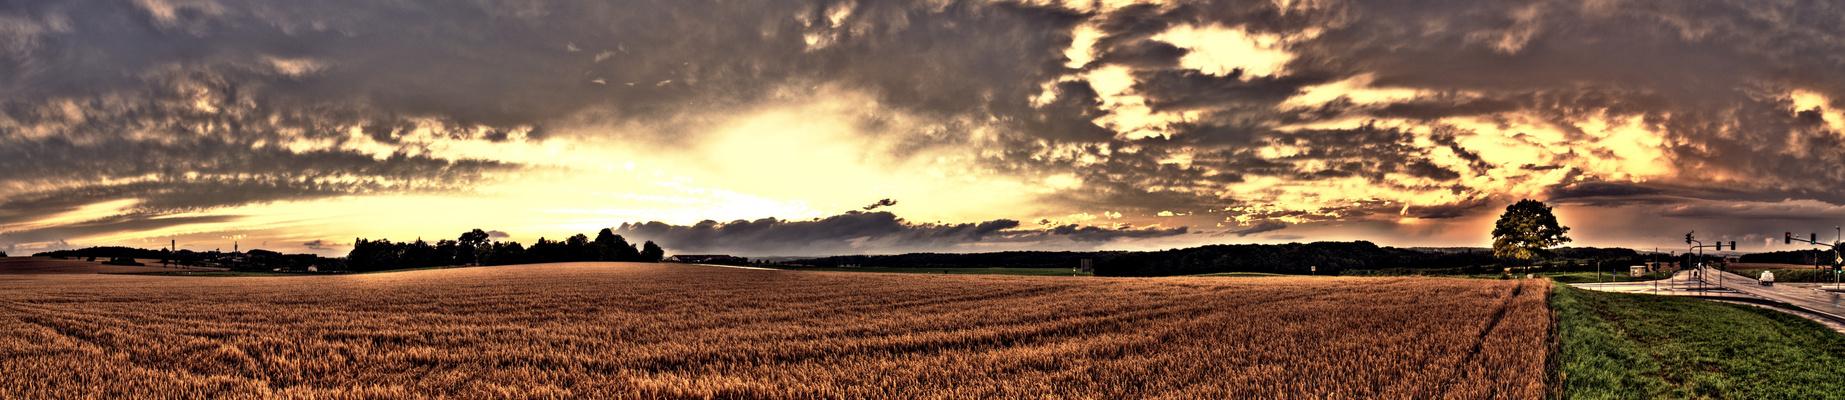 Weizenfeld vor der Apokalypse